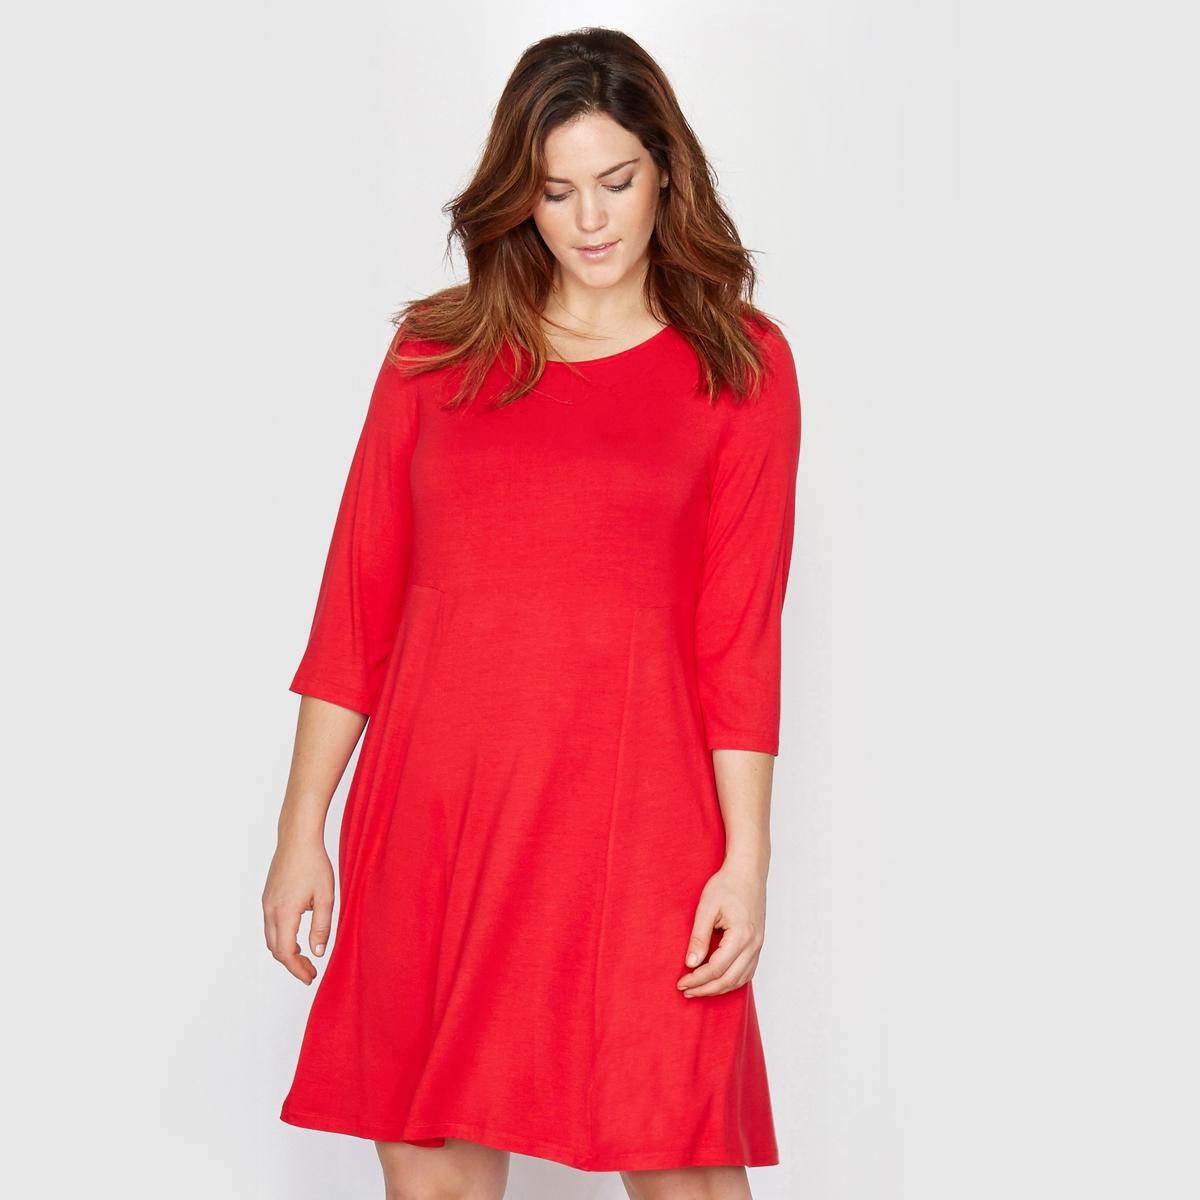 Платье фасона солнце-клеш, из трикотажаЖенственный покрой. Расклешенный покрой идеален для того, чтобы элегантно скрыть некоторые наши формы  . Вытачки под грудью. Рукава 3/4. Трикотаж, 95% вискозы, 5% эластана. Длина 90 см.<br><br>Цвет: красный<br>Размер: 48 (FR) - 54 (RUS)